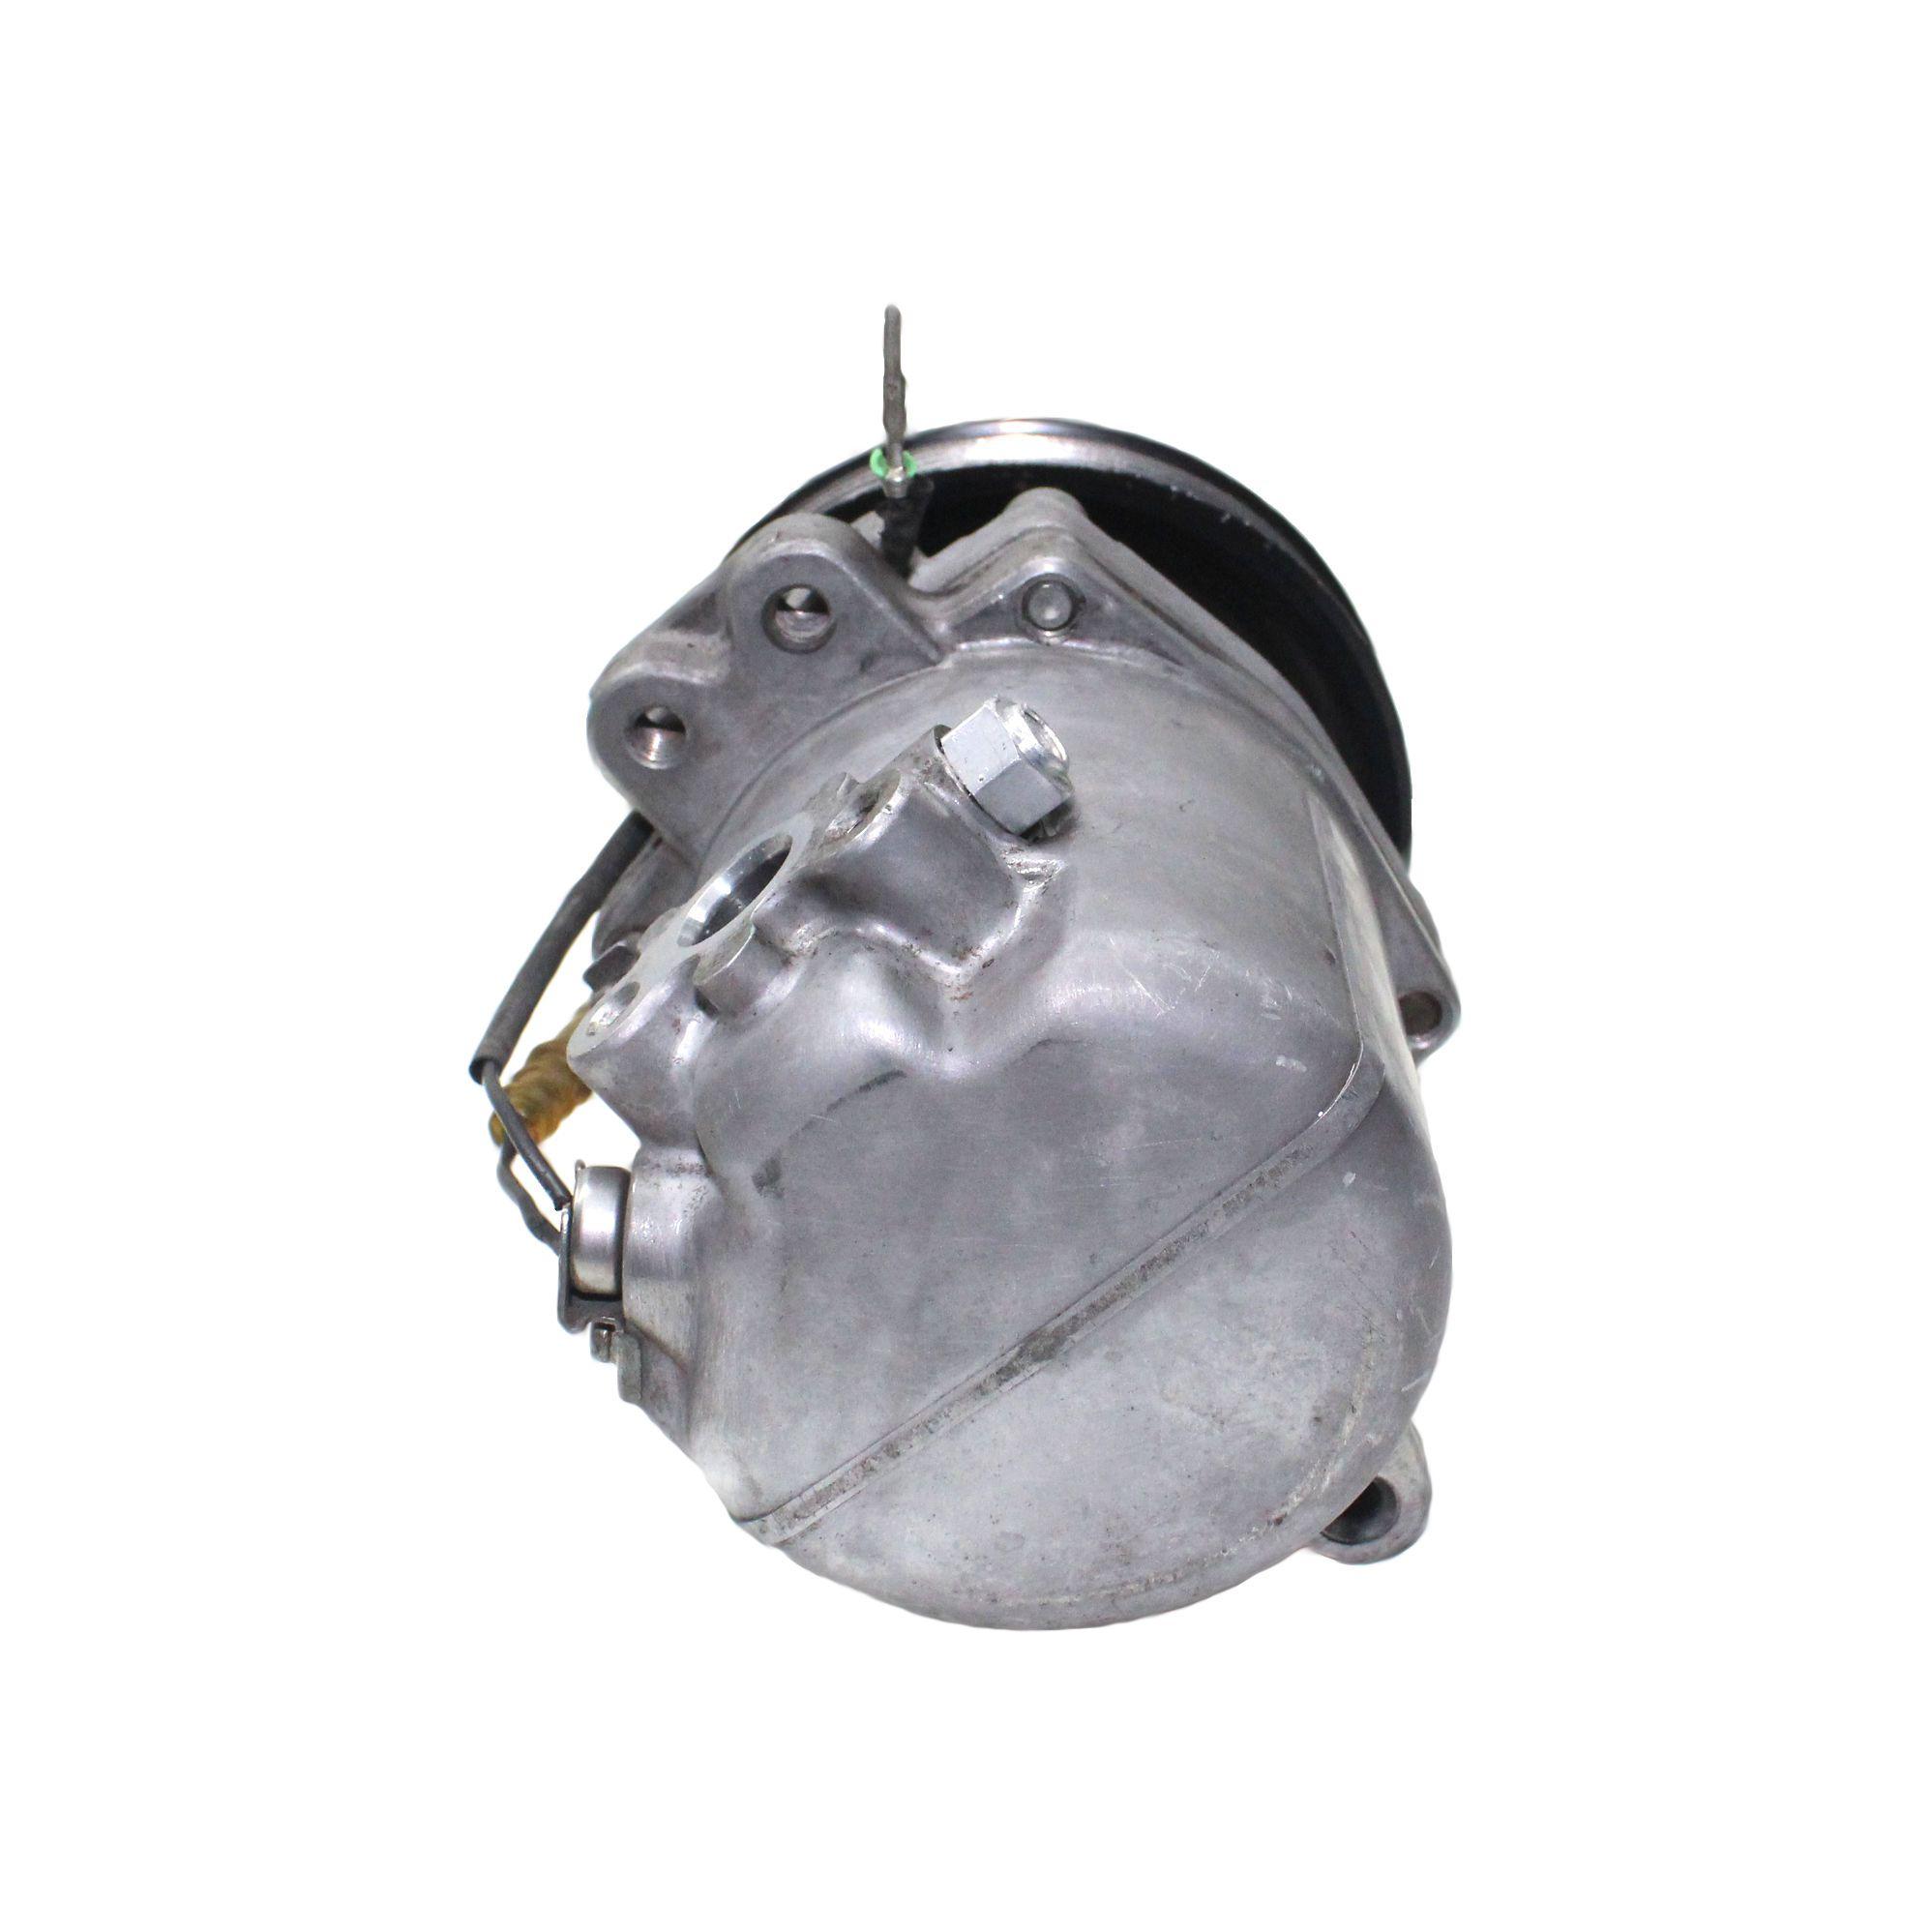 Compressor Ar Condicionado Suzuki Vitara 99/02, Grand Vitara 95/99